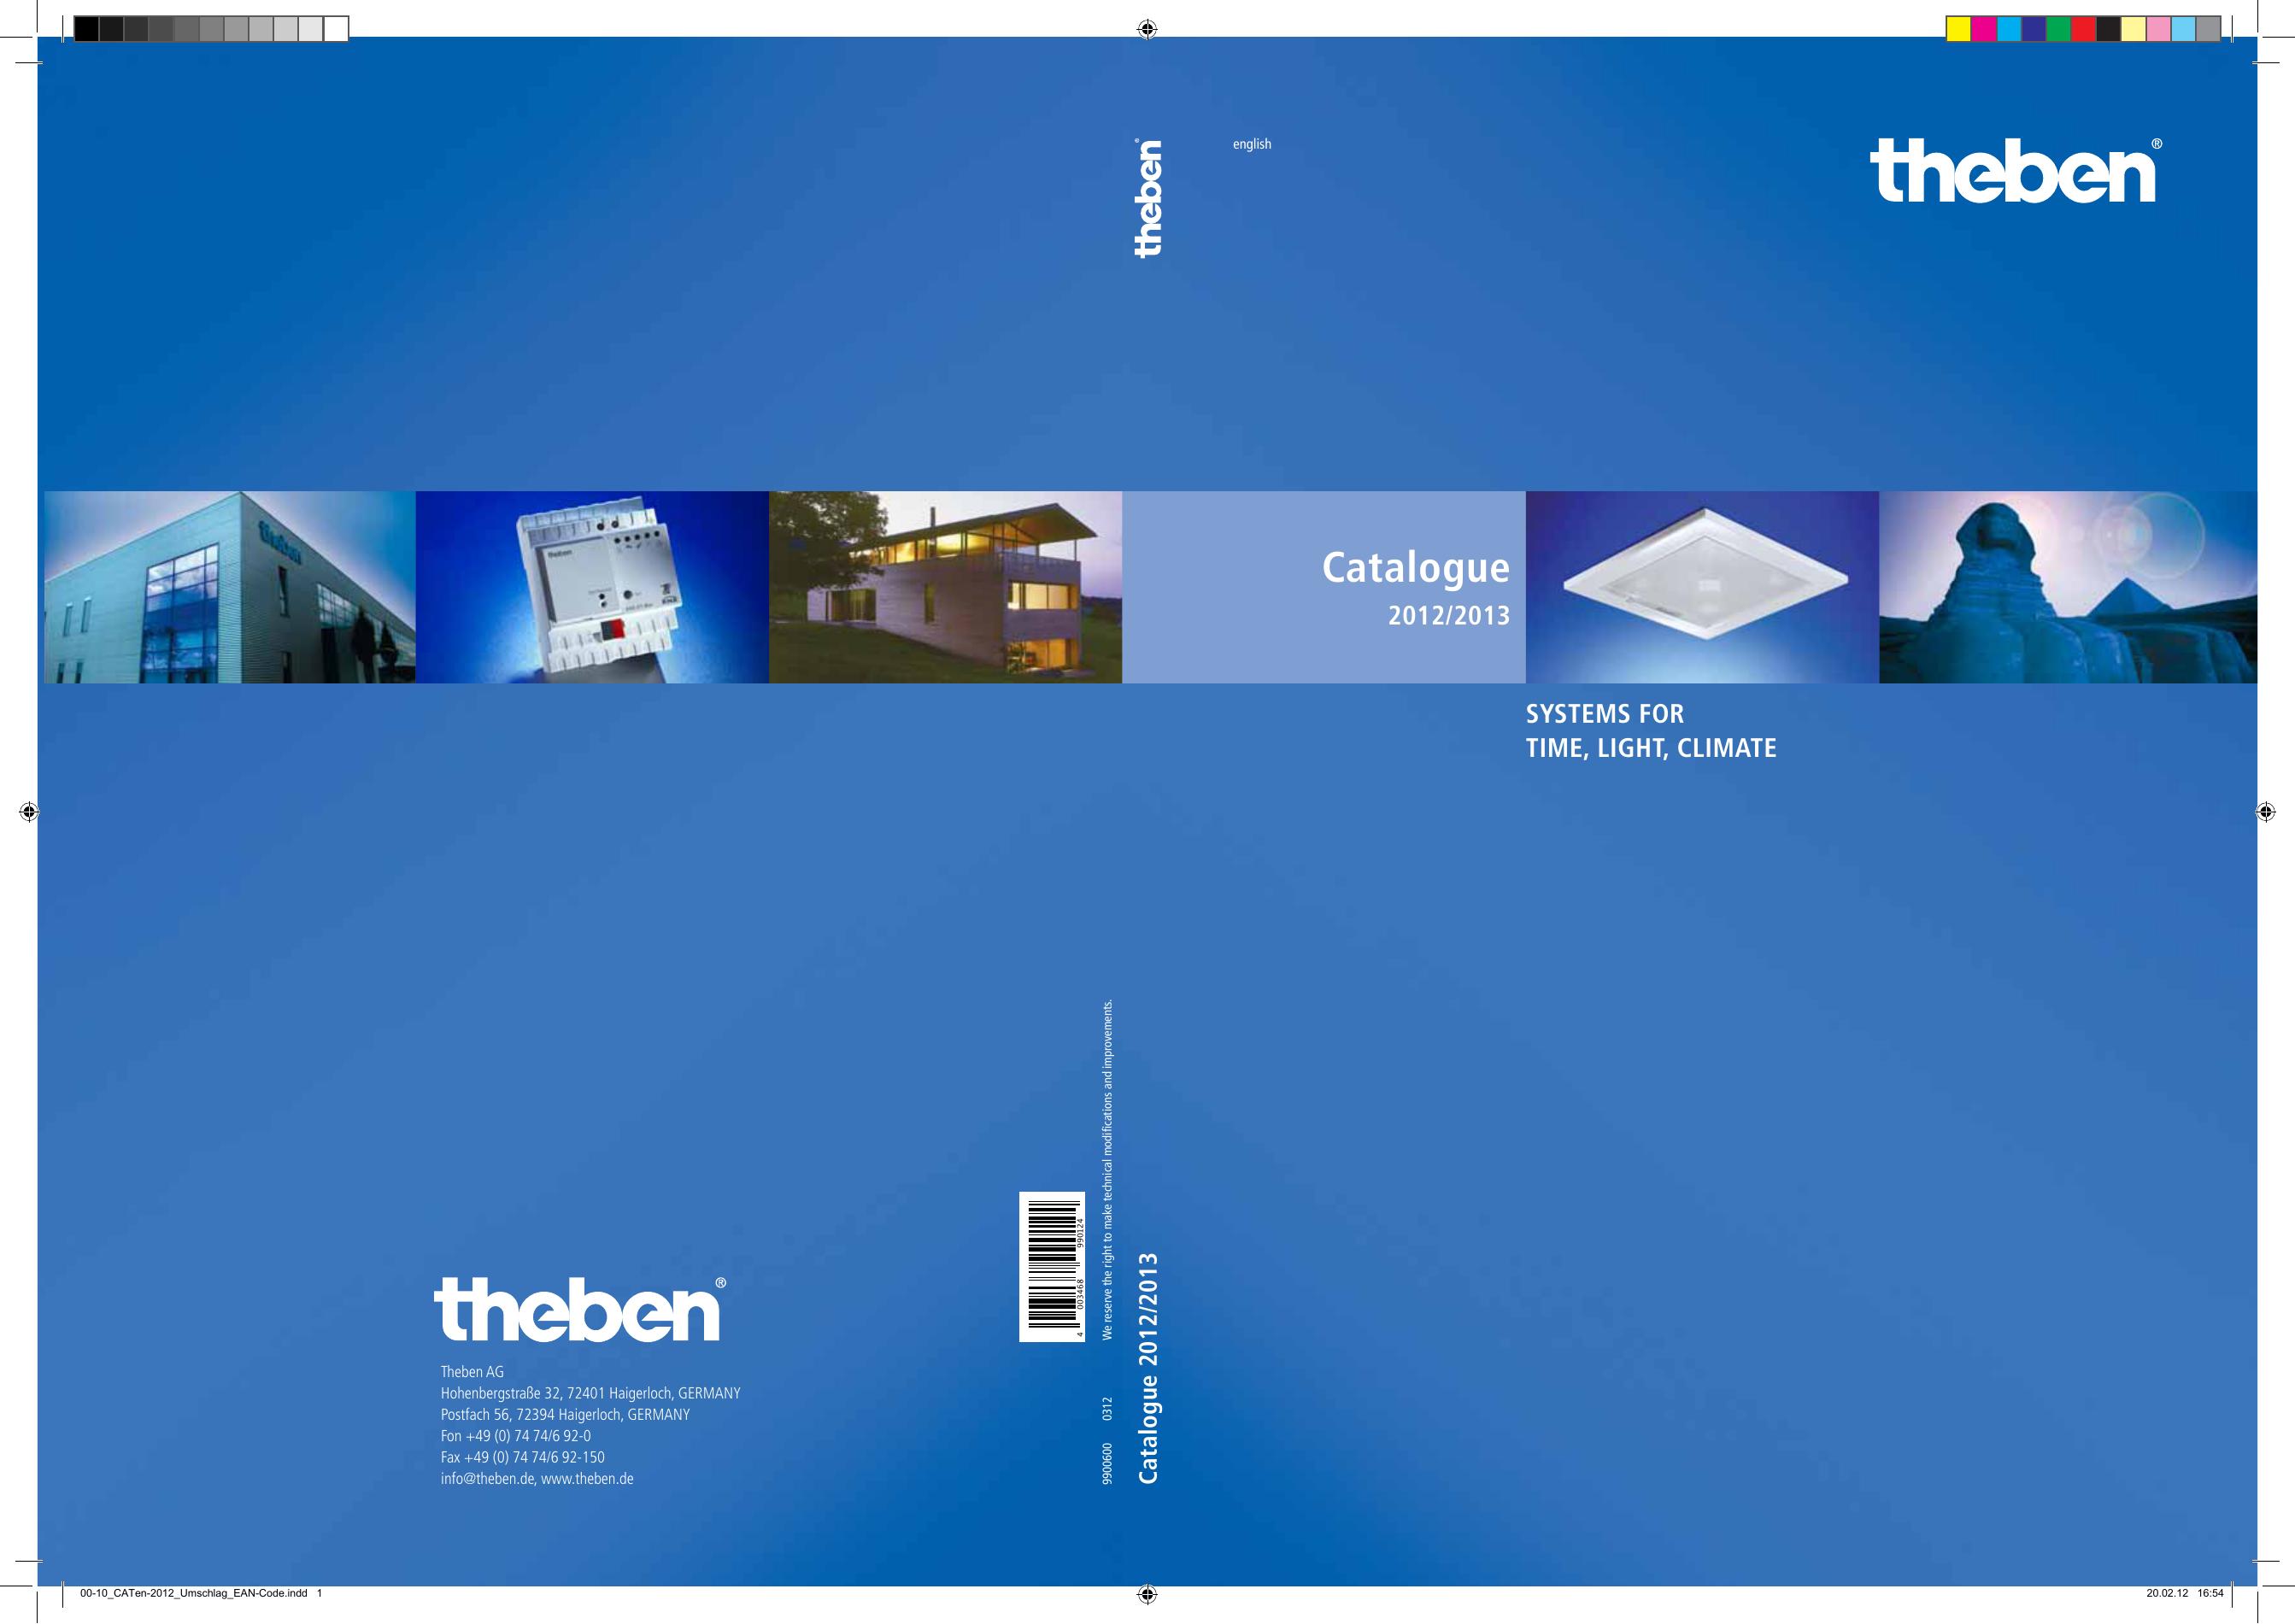 Theben 8139501/Ramses 813/top2/HF Set 1